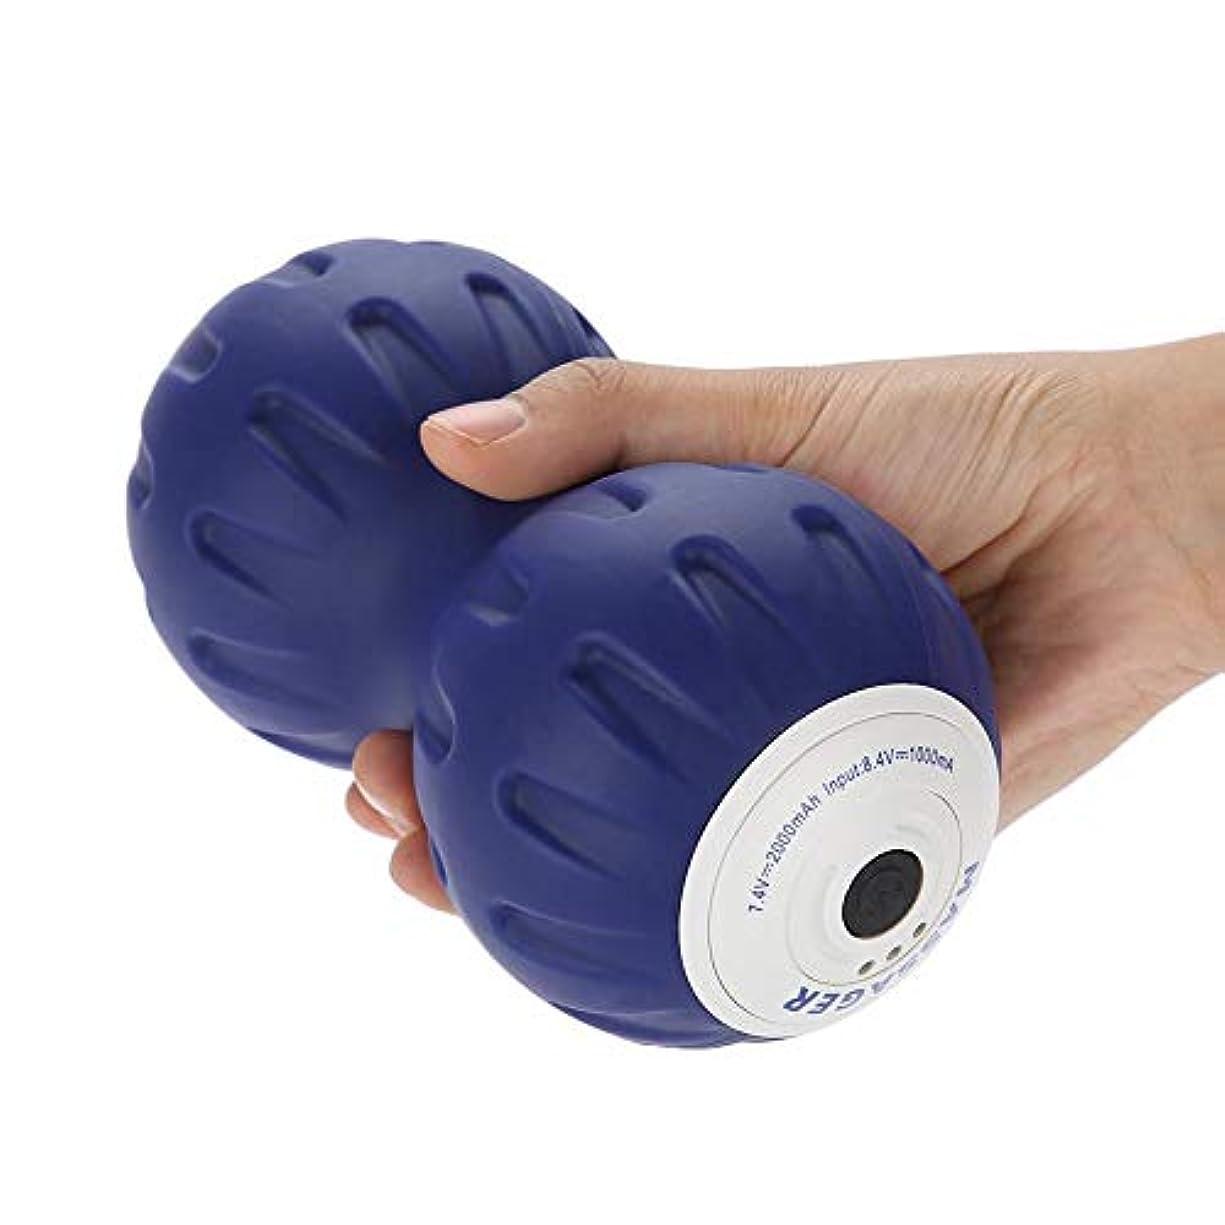 船図追うピーナッツ マッサージボール 筋膜 マッサージローラー ピラティスヨガ枕筋肉 リラックスリリース フィットネス(02)